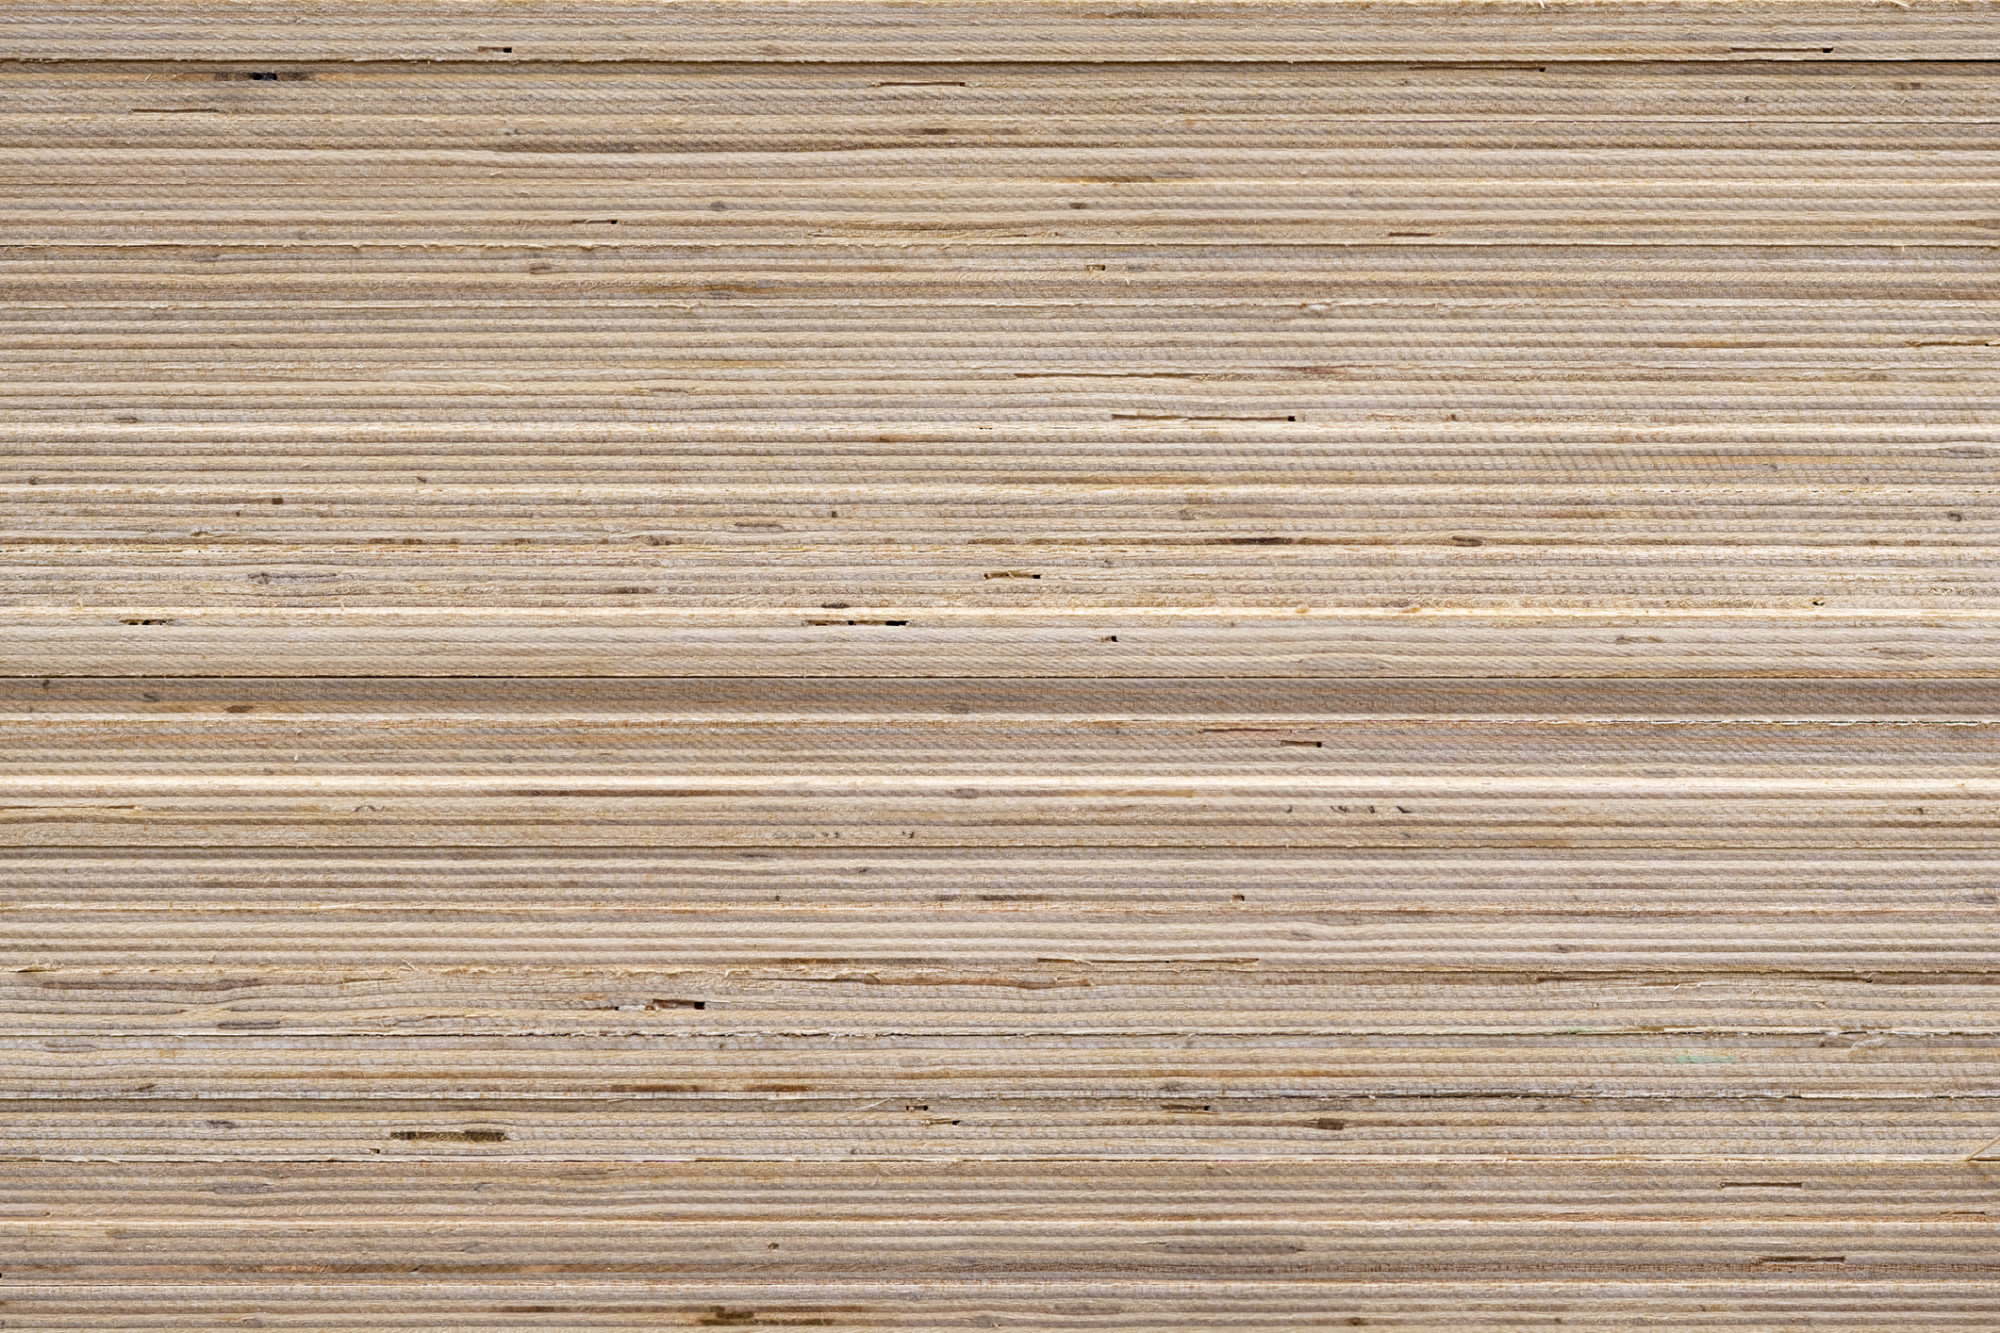 EN314-compliant plywood